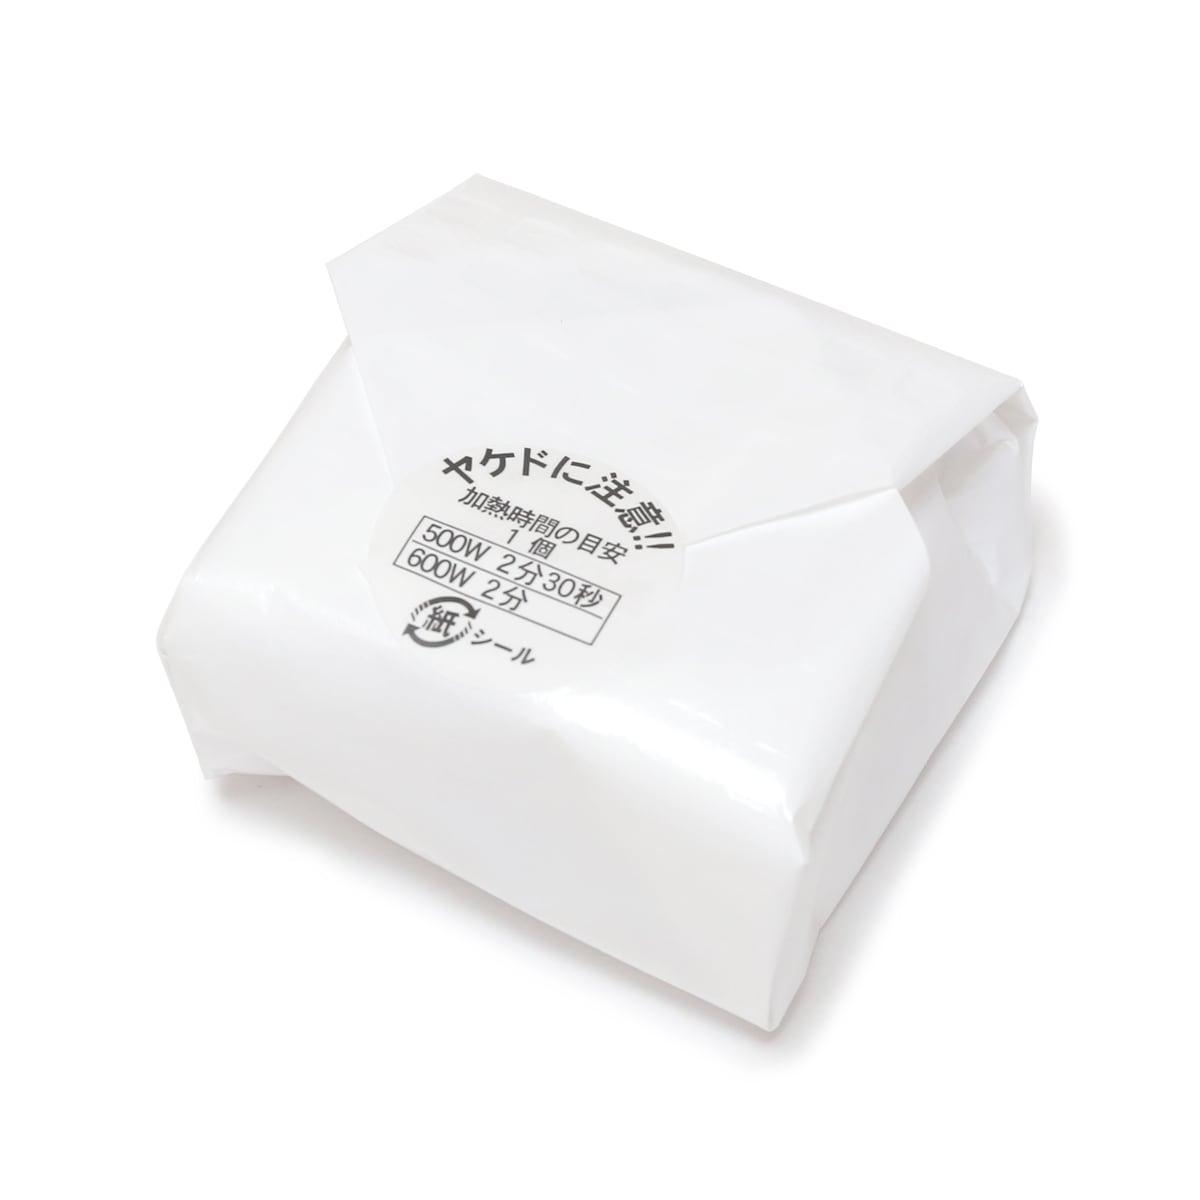 マルちゃん ライスバーガー焼肉 甘辛 1個(包の状態)